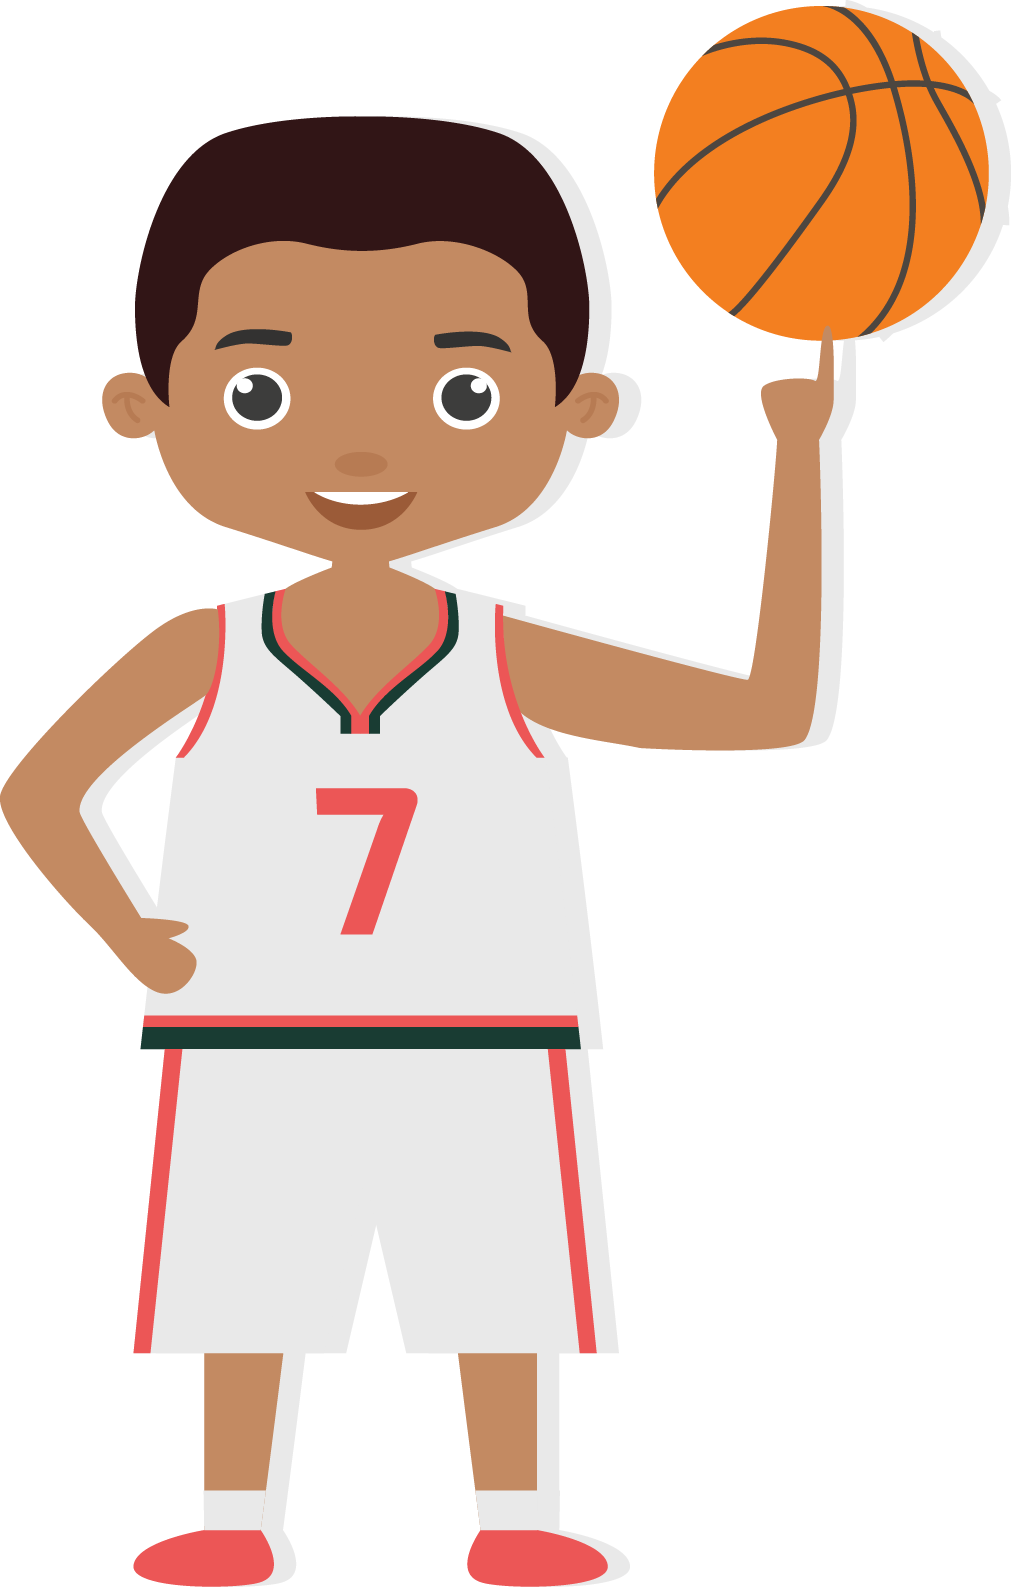 Bathurst minor association dribbling. Clipart boy basketball player